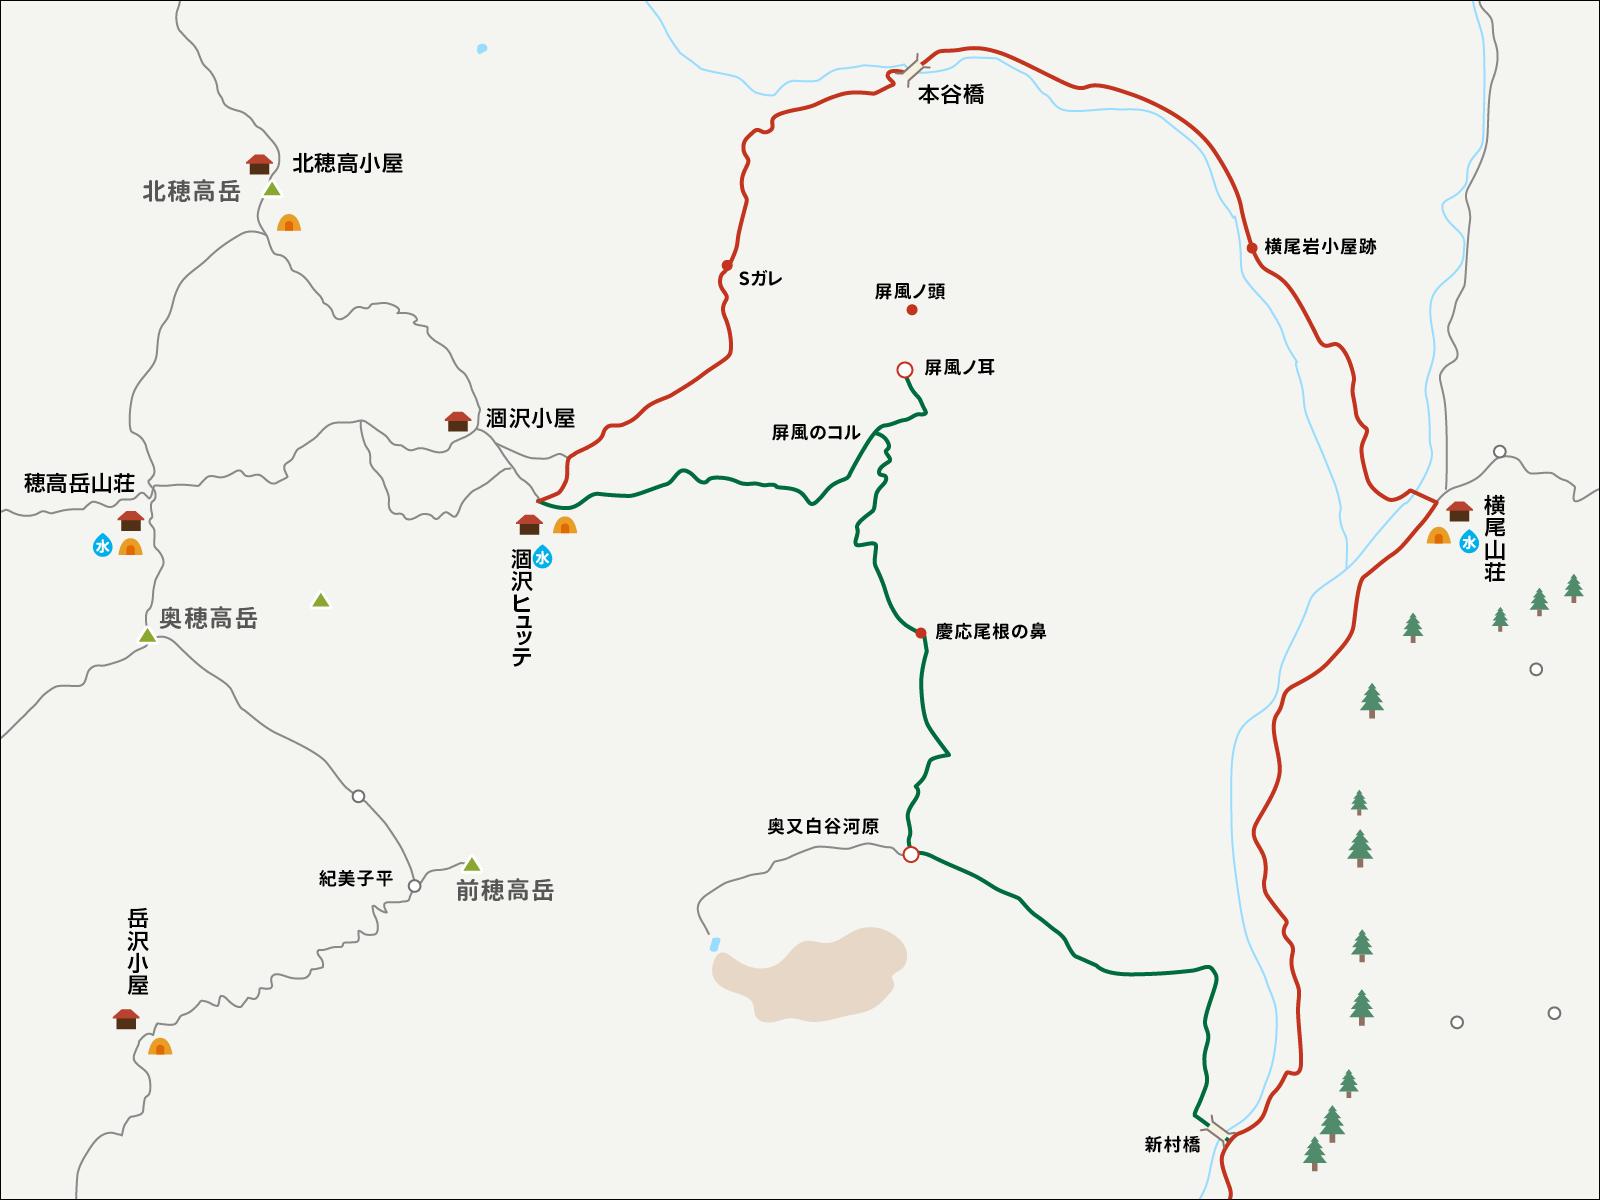 今回の涸沢パノラマルート登山コースの説明図